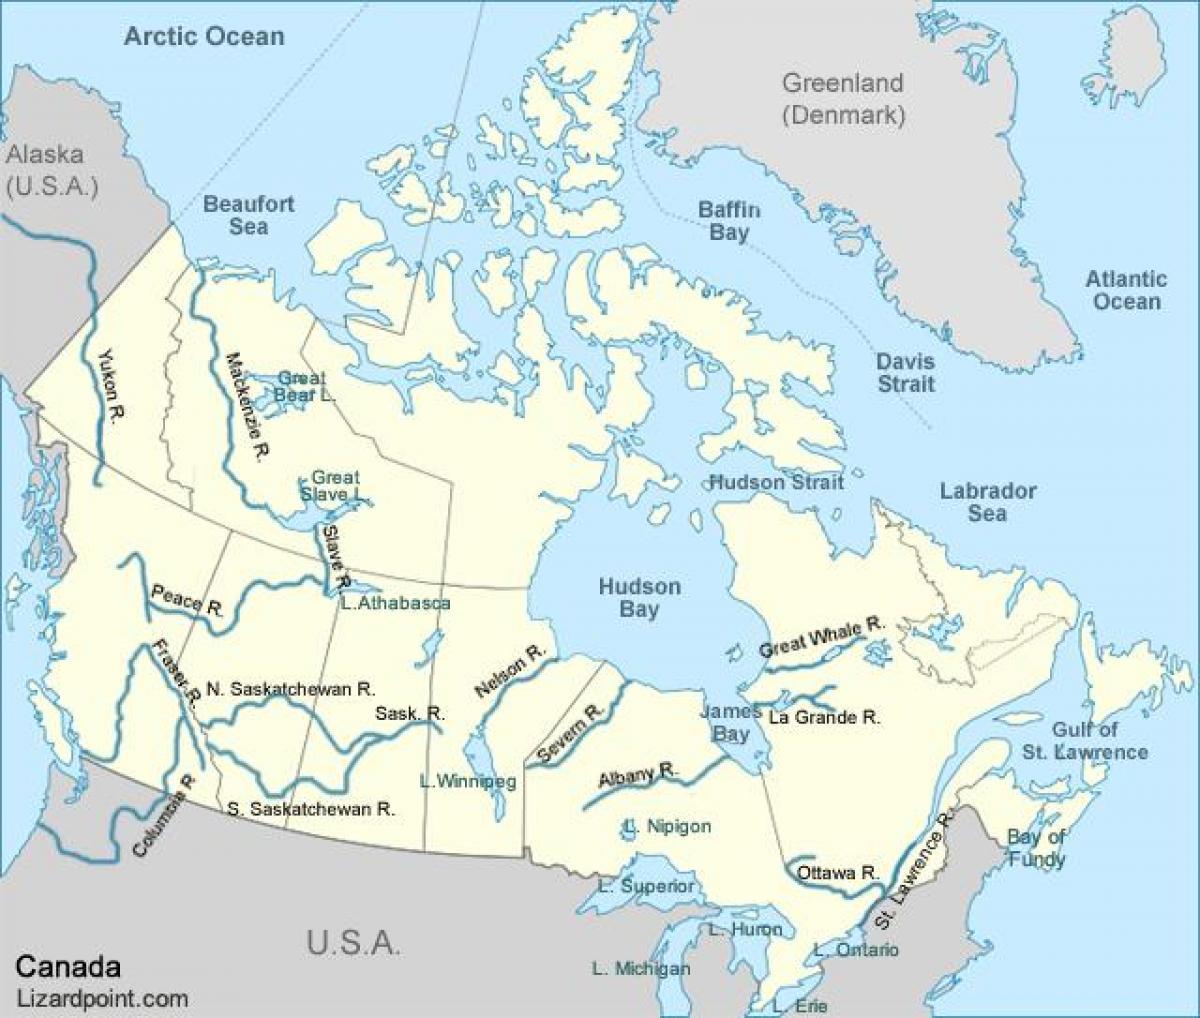 Karta Pa Kanada.Canada Water Karta Kanada Vattenvagar Karta Nordamerika Och Nord